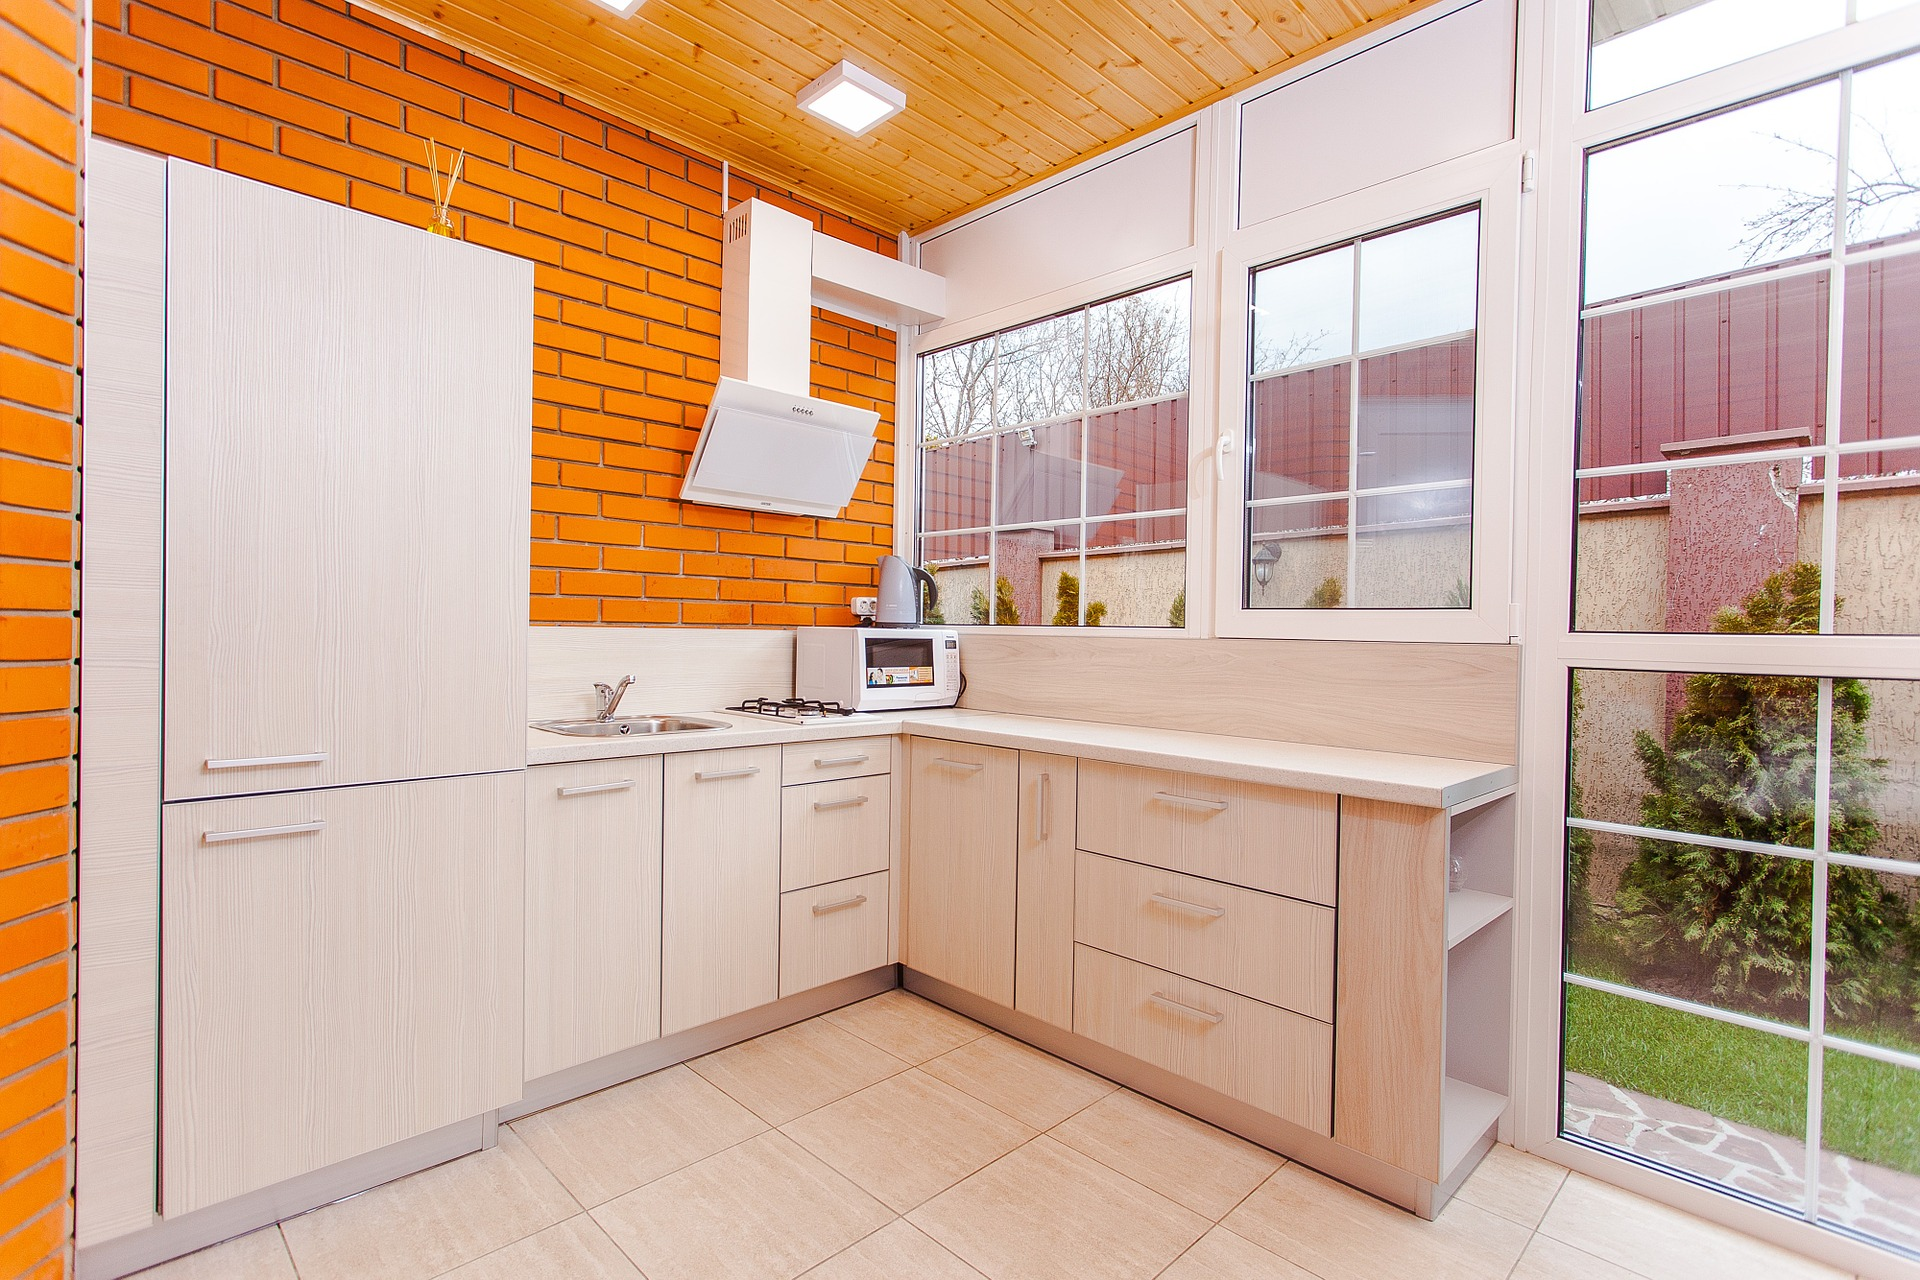 kitchen-1317996_1920